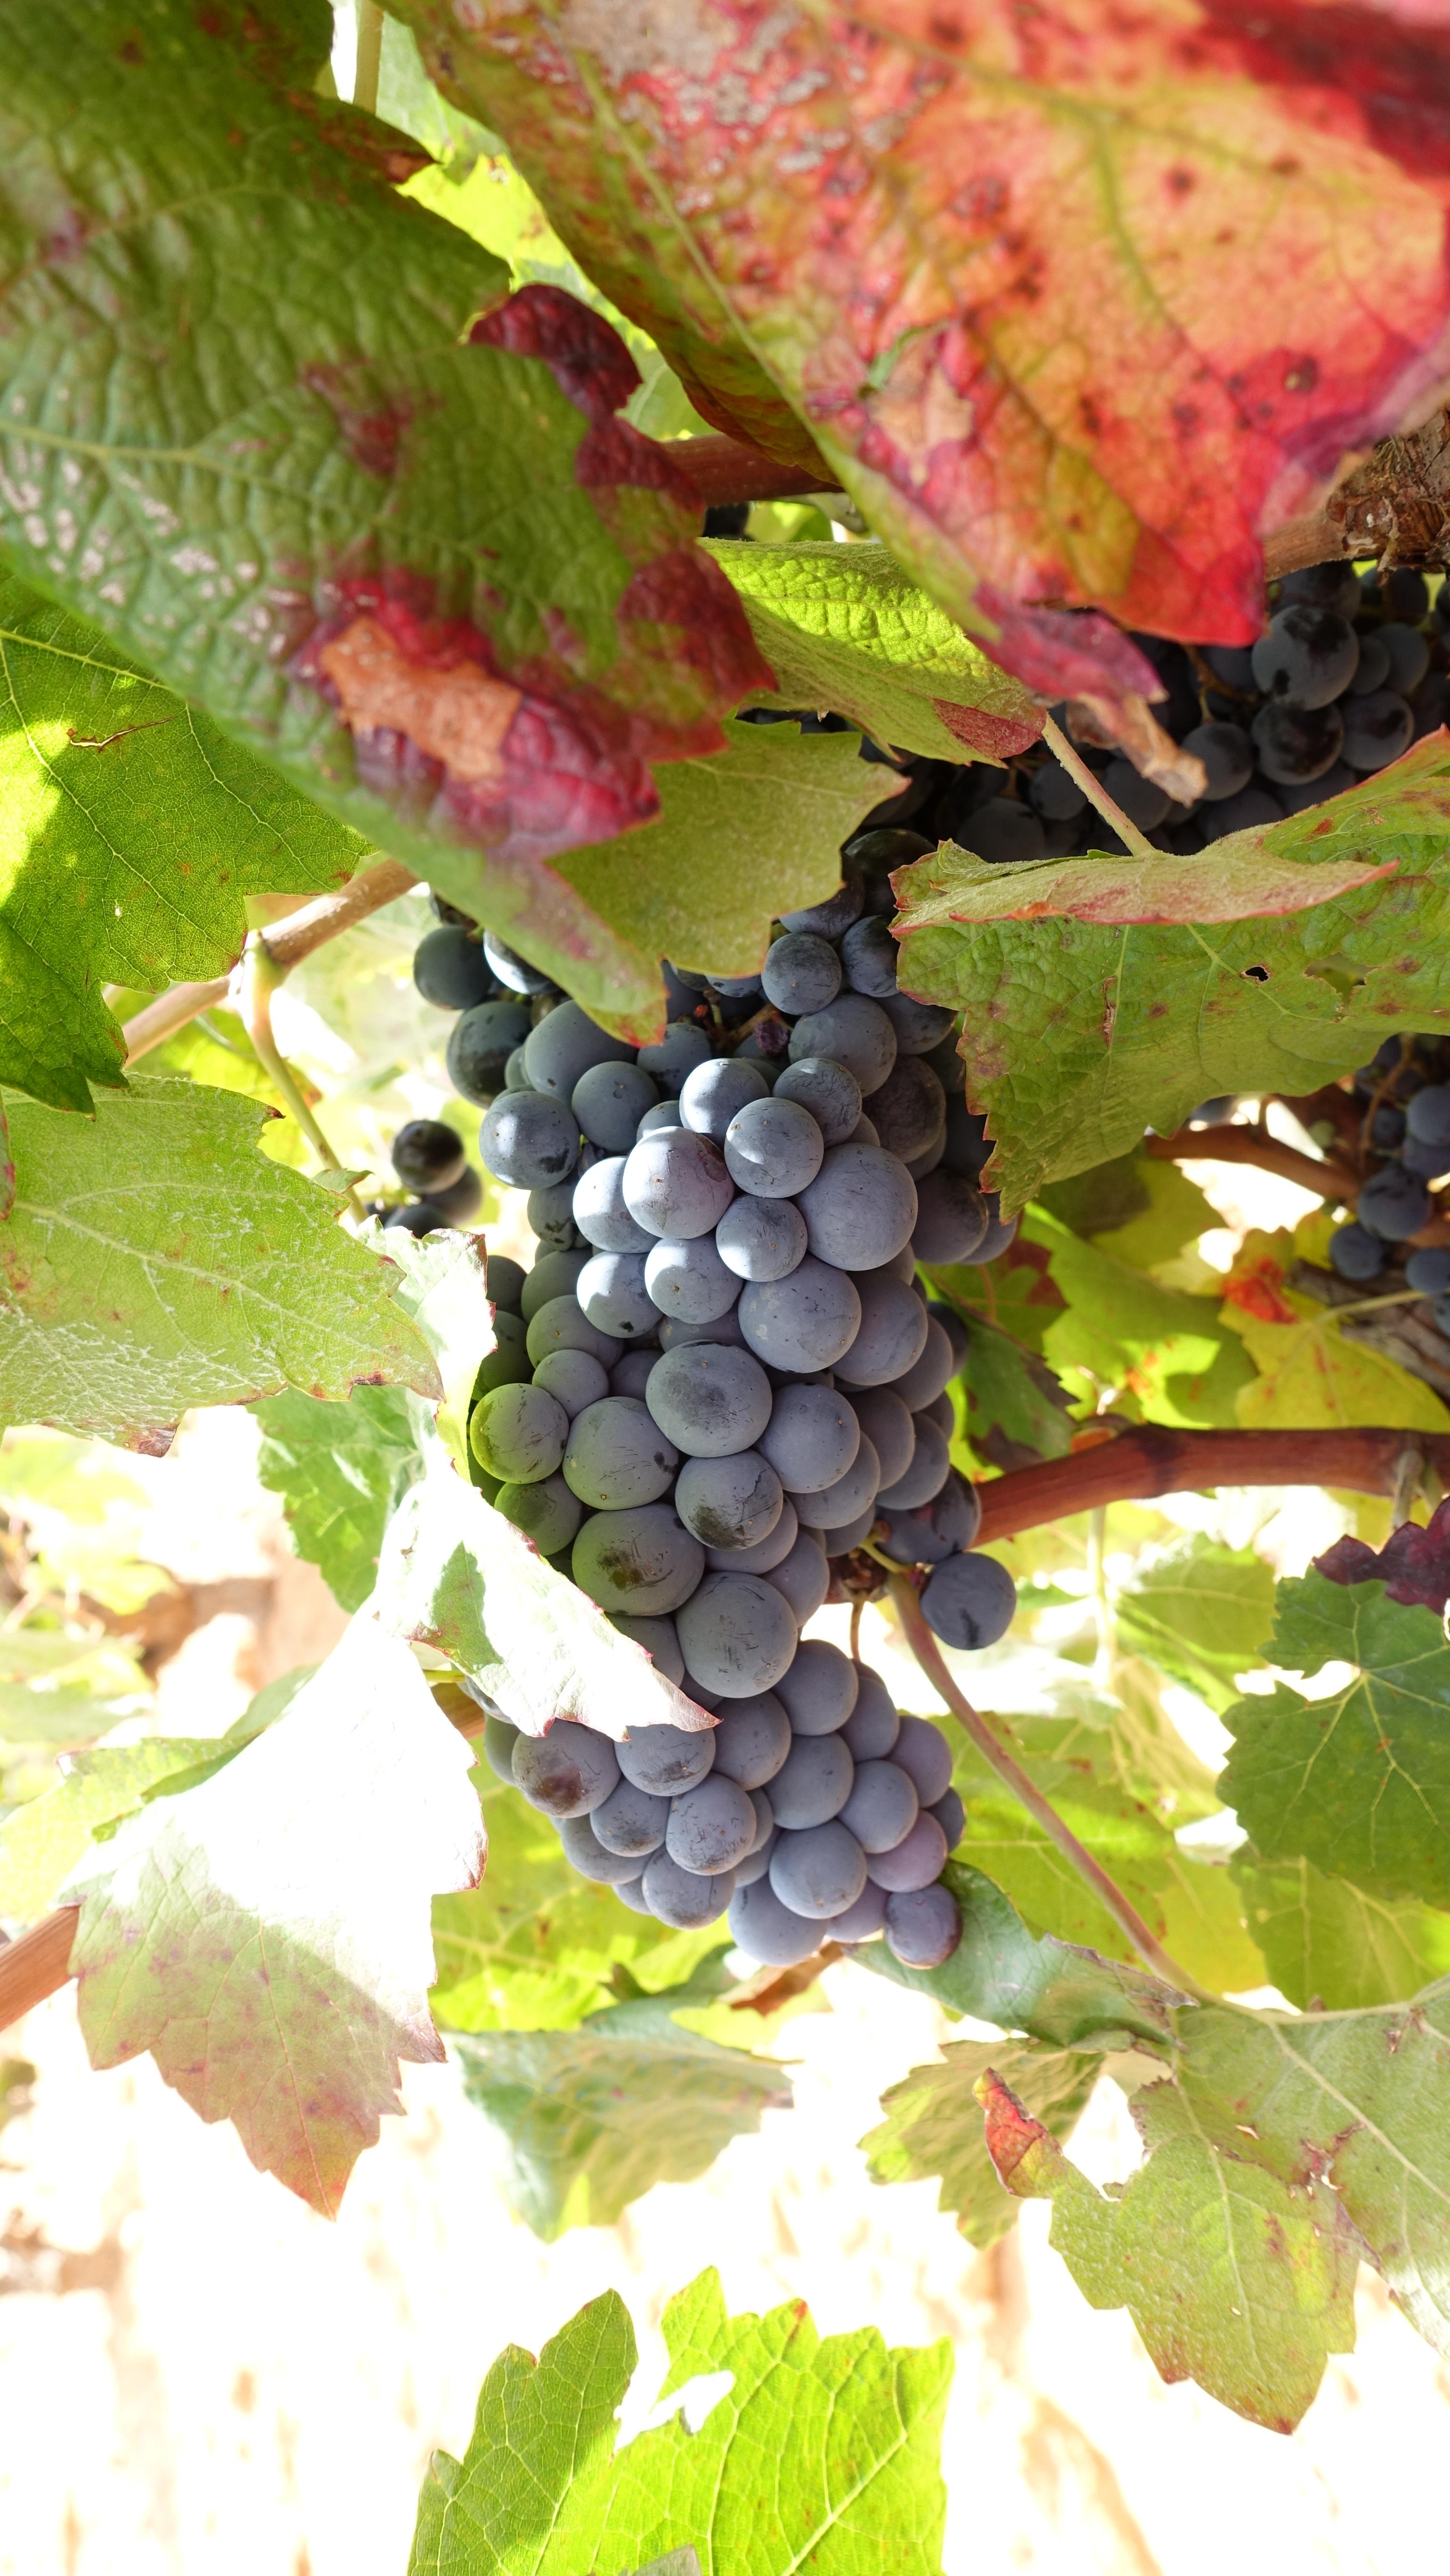 Un racimo de uvas maduras listo para la vendimia